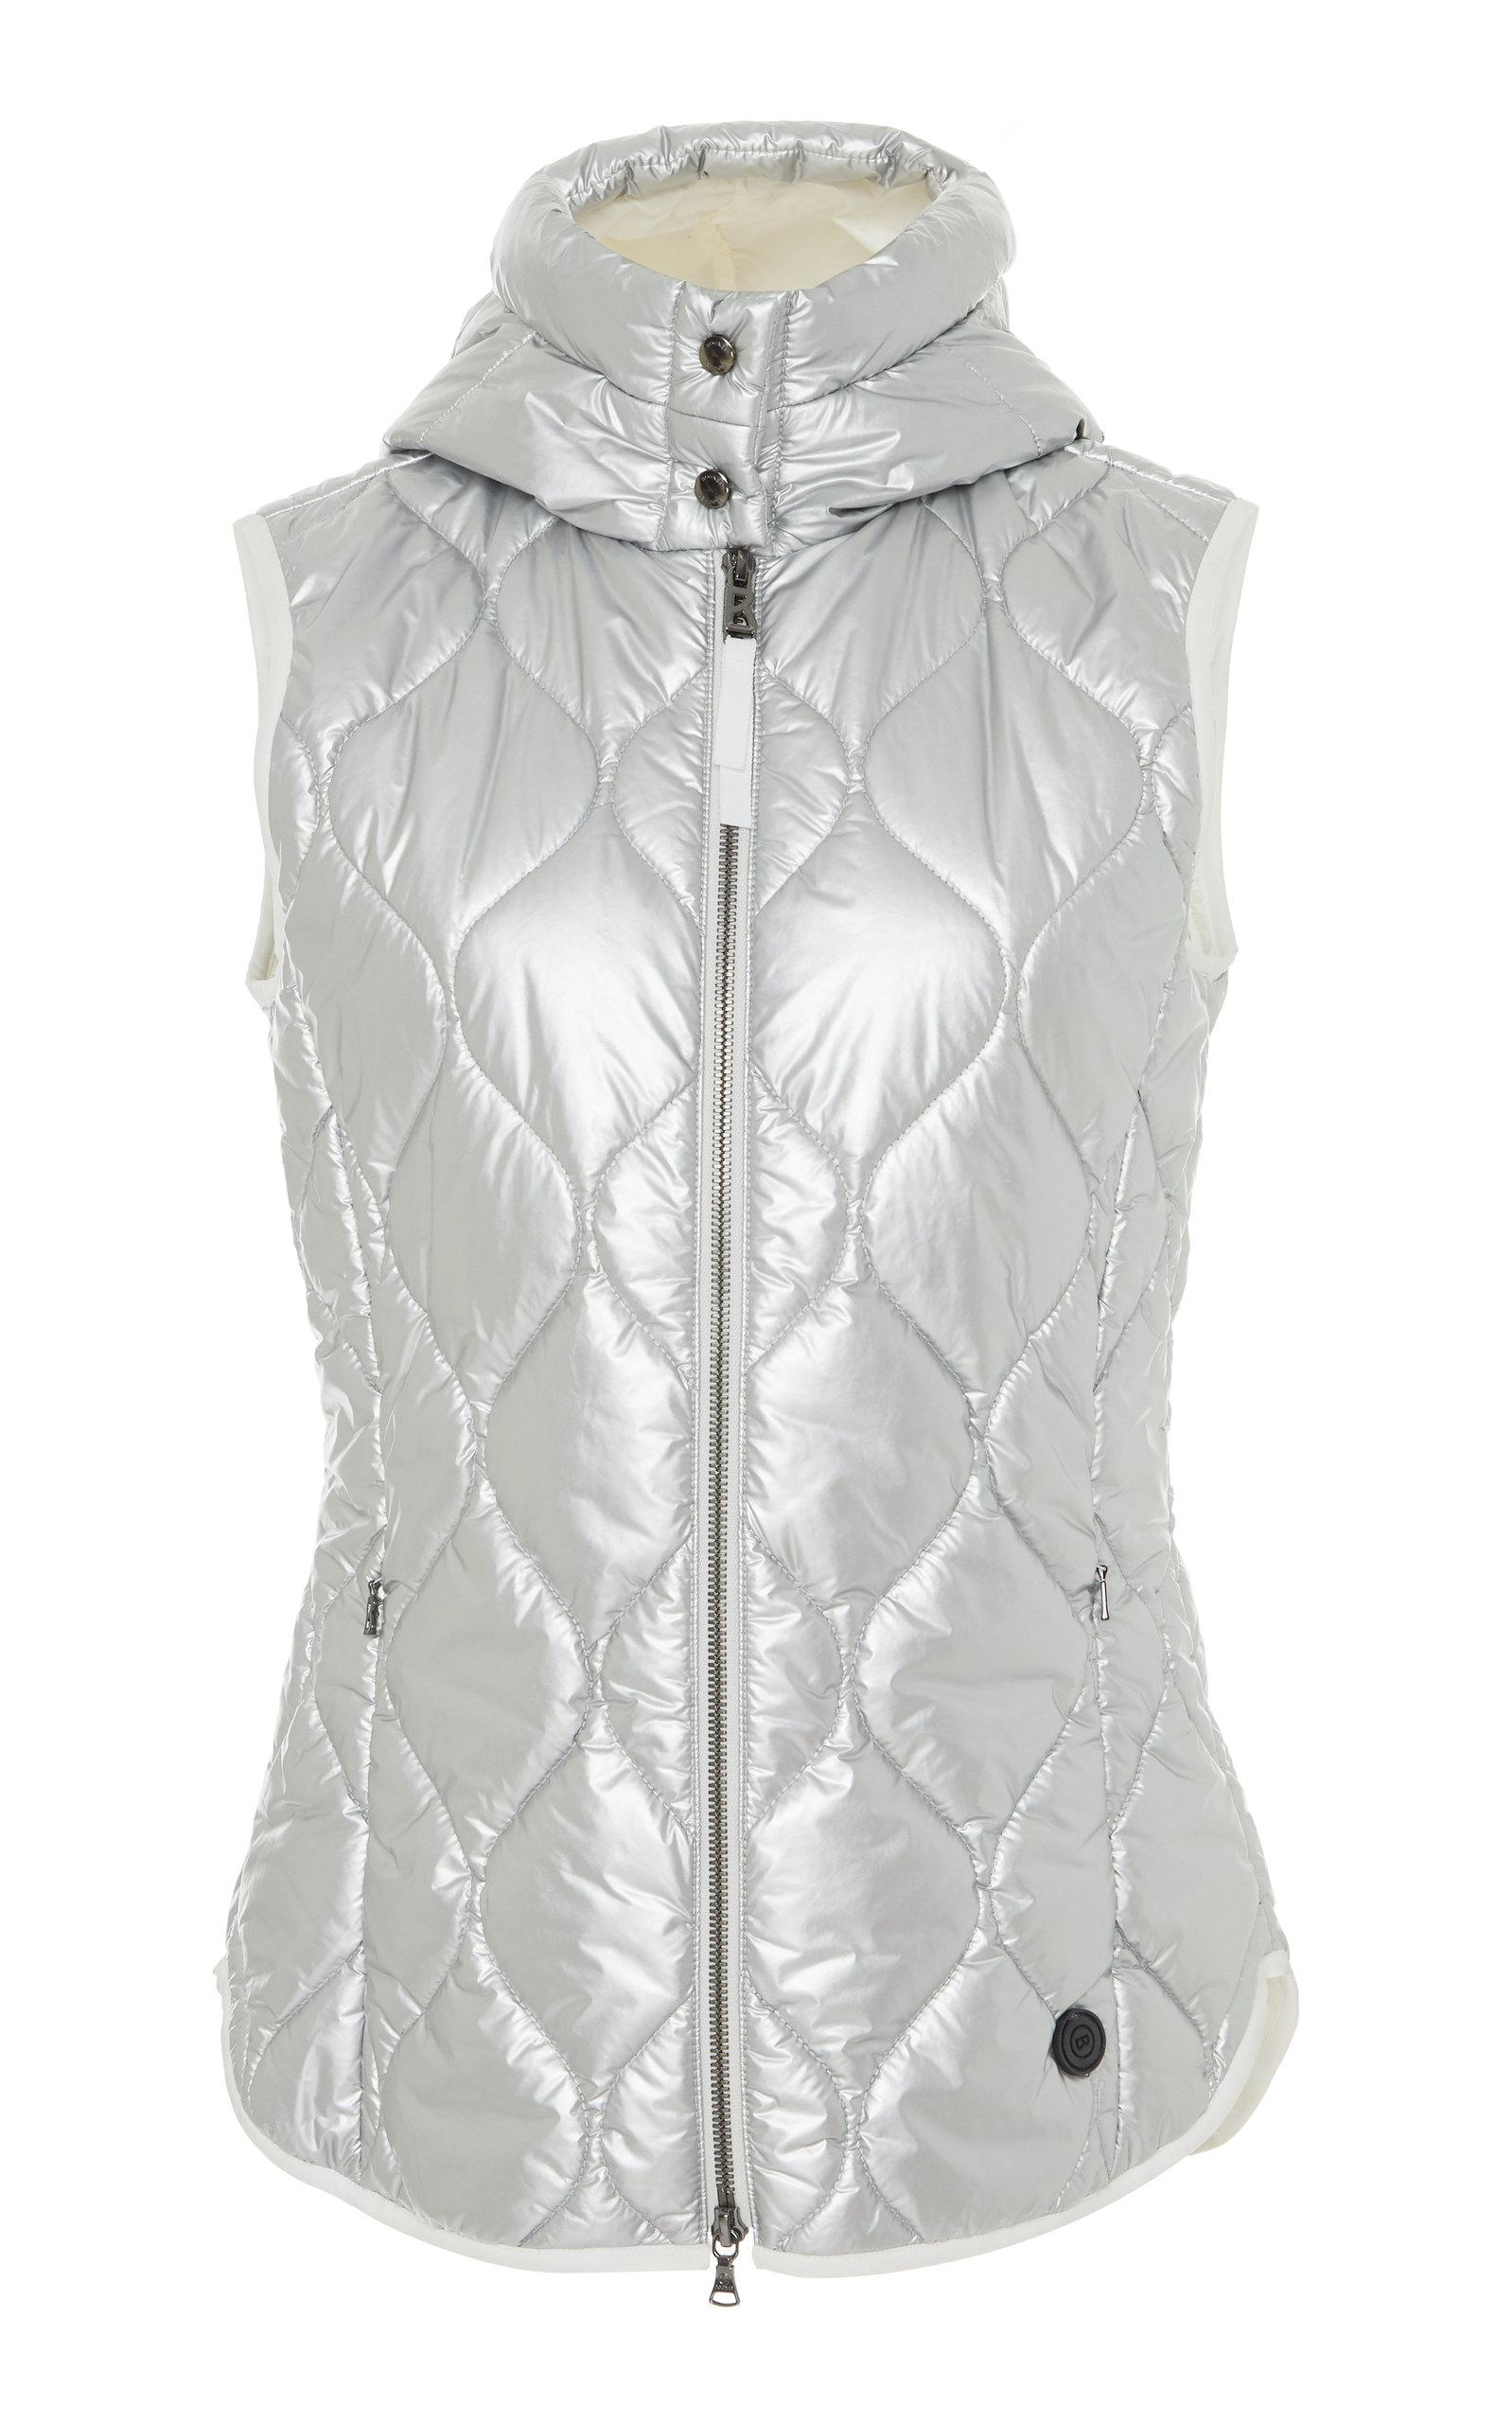 BOGNER X WHITE CUBE Gigi Metallic Quilted-Shell Hooded Vest